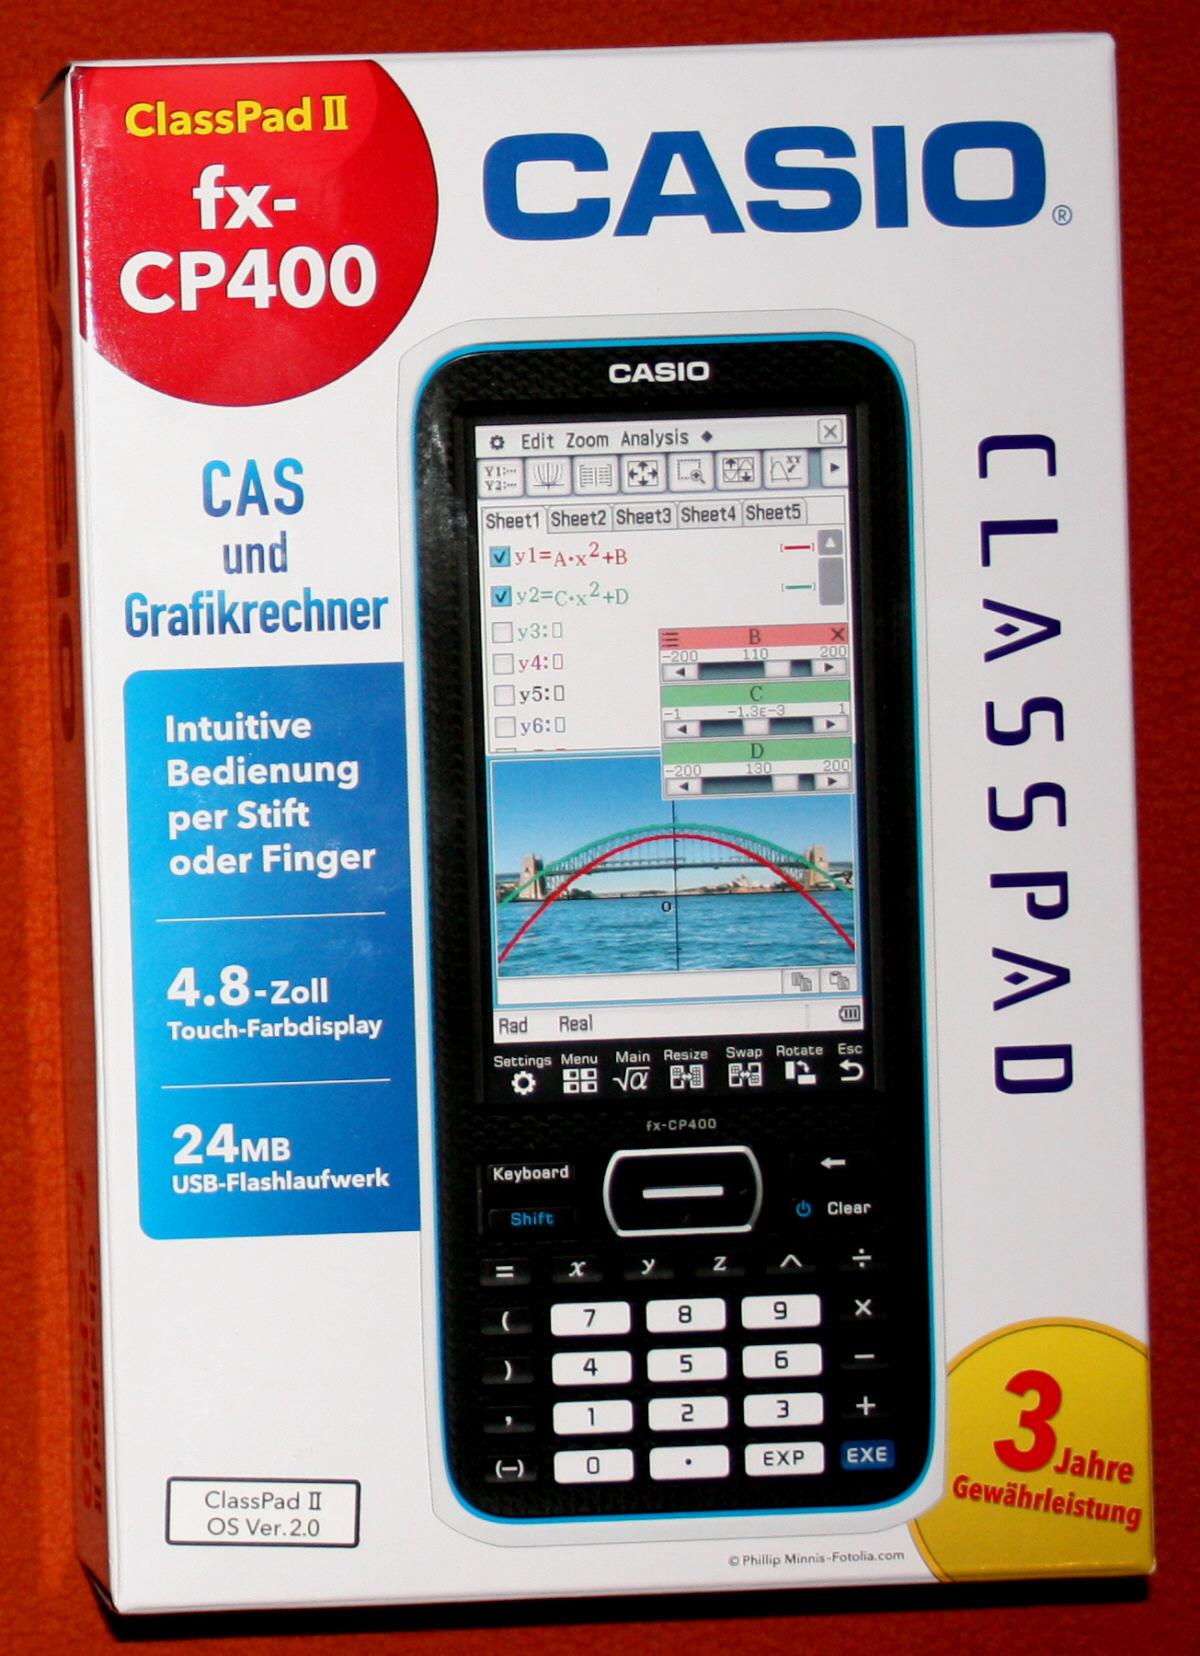 casio classpad ii fx cp 400 grafikf higer taschenrechner. Black Bedroom Furniture Sets. Home Design Ideas